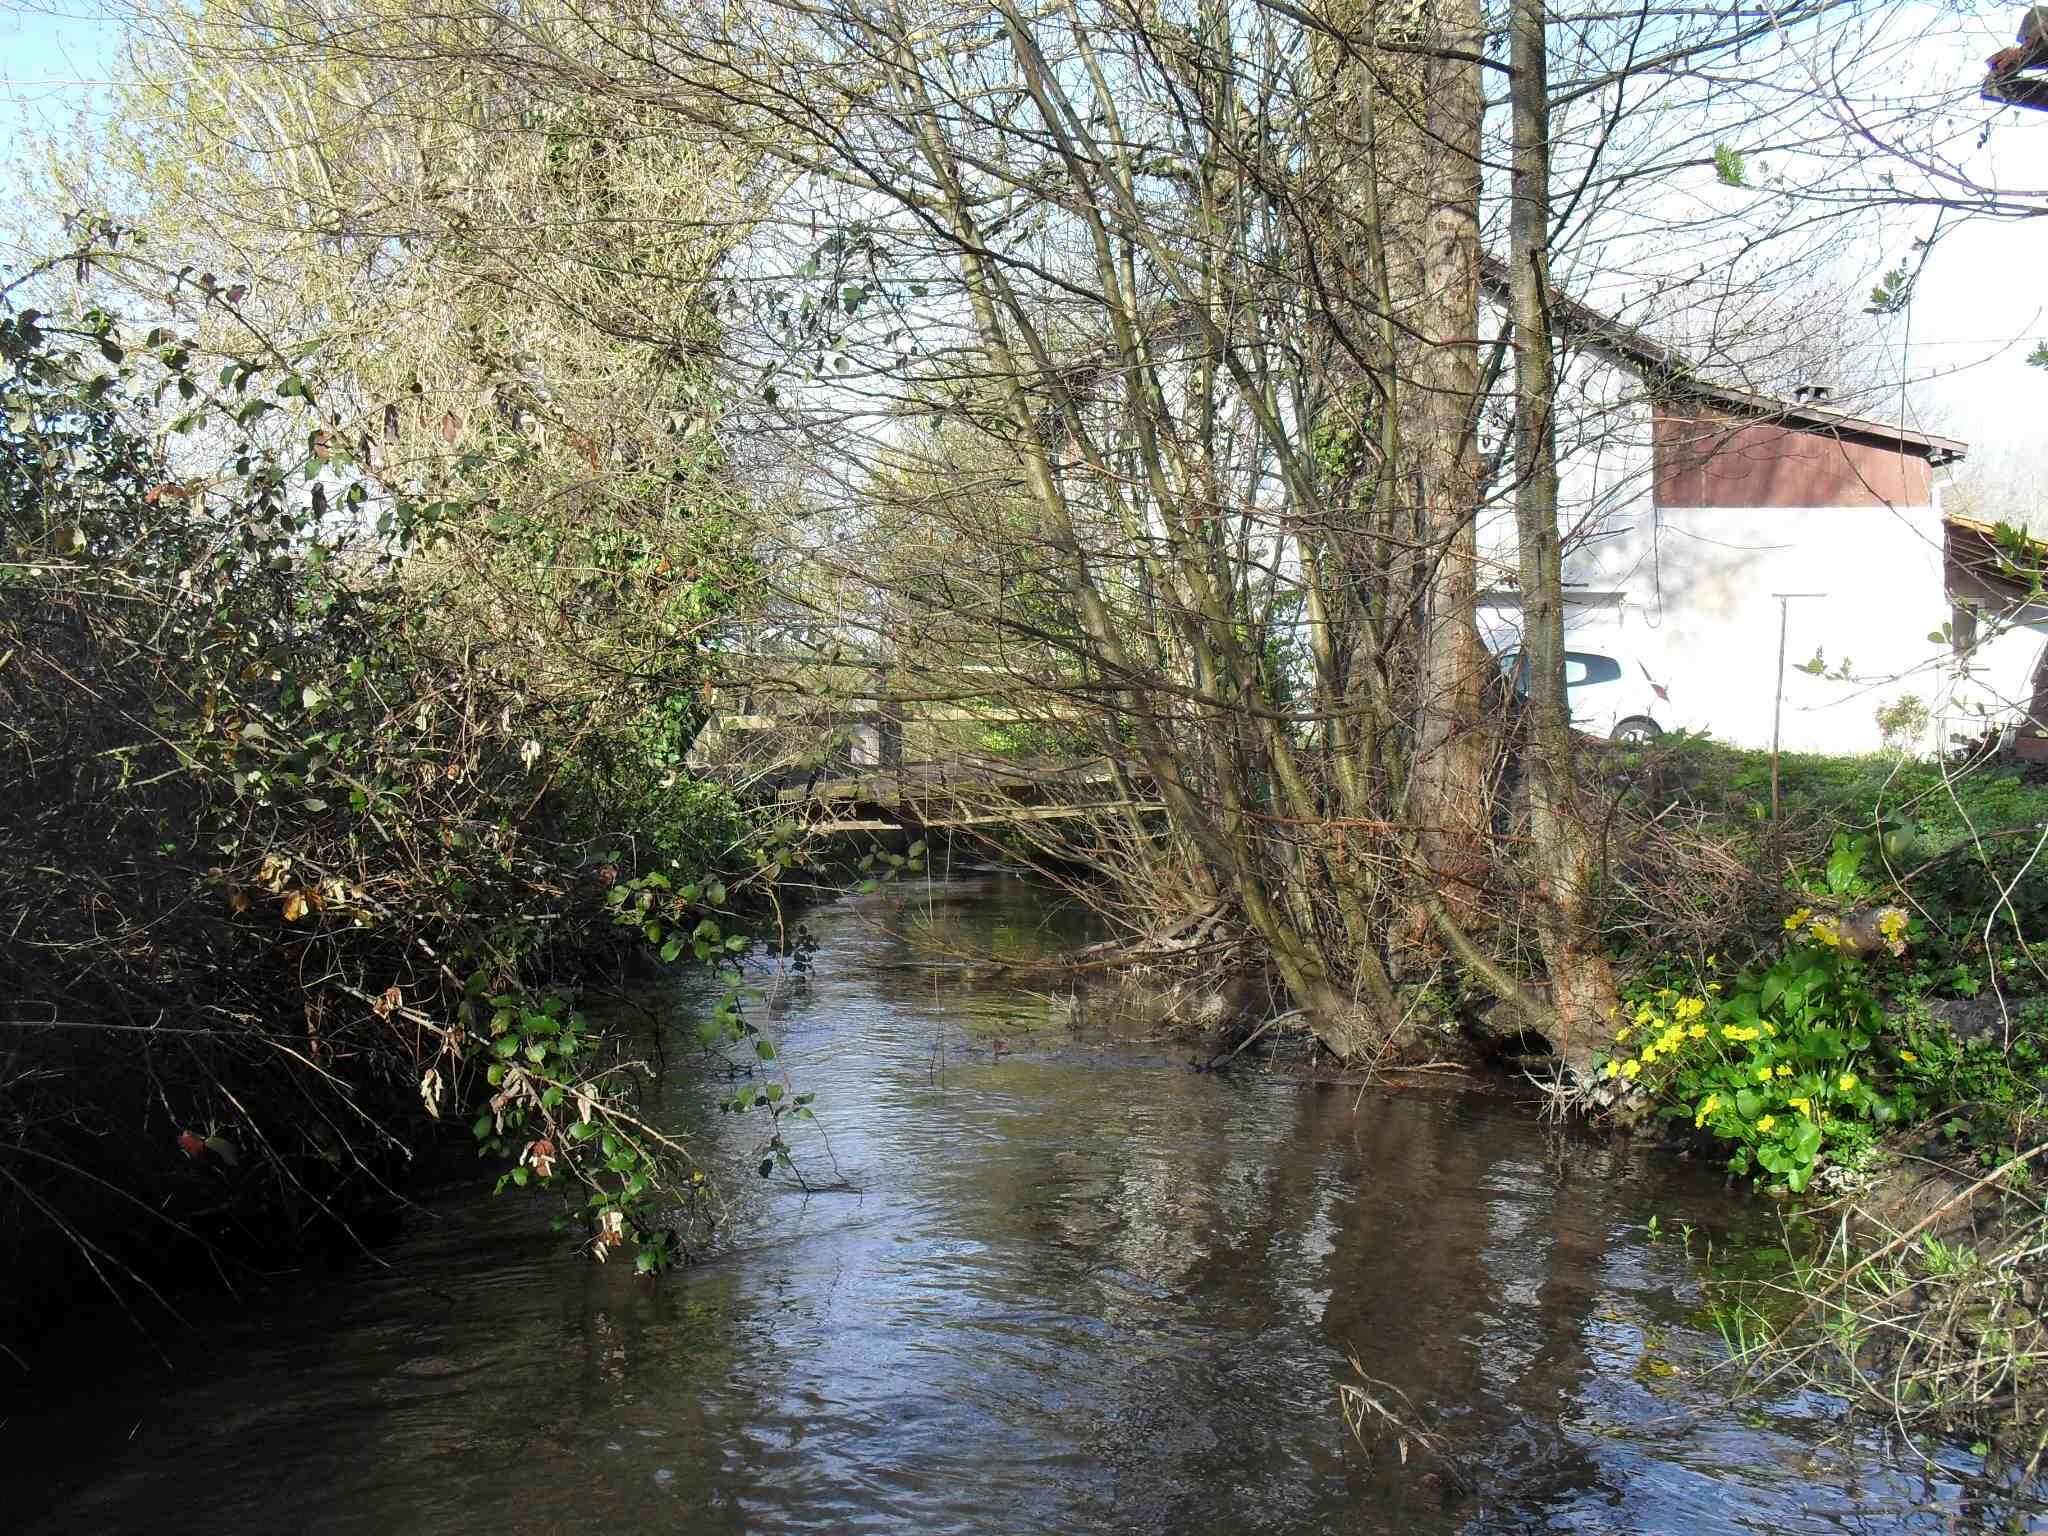 Bras gauche du canal des Moulins en amont du Moulin Neuf © SOCAMA